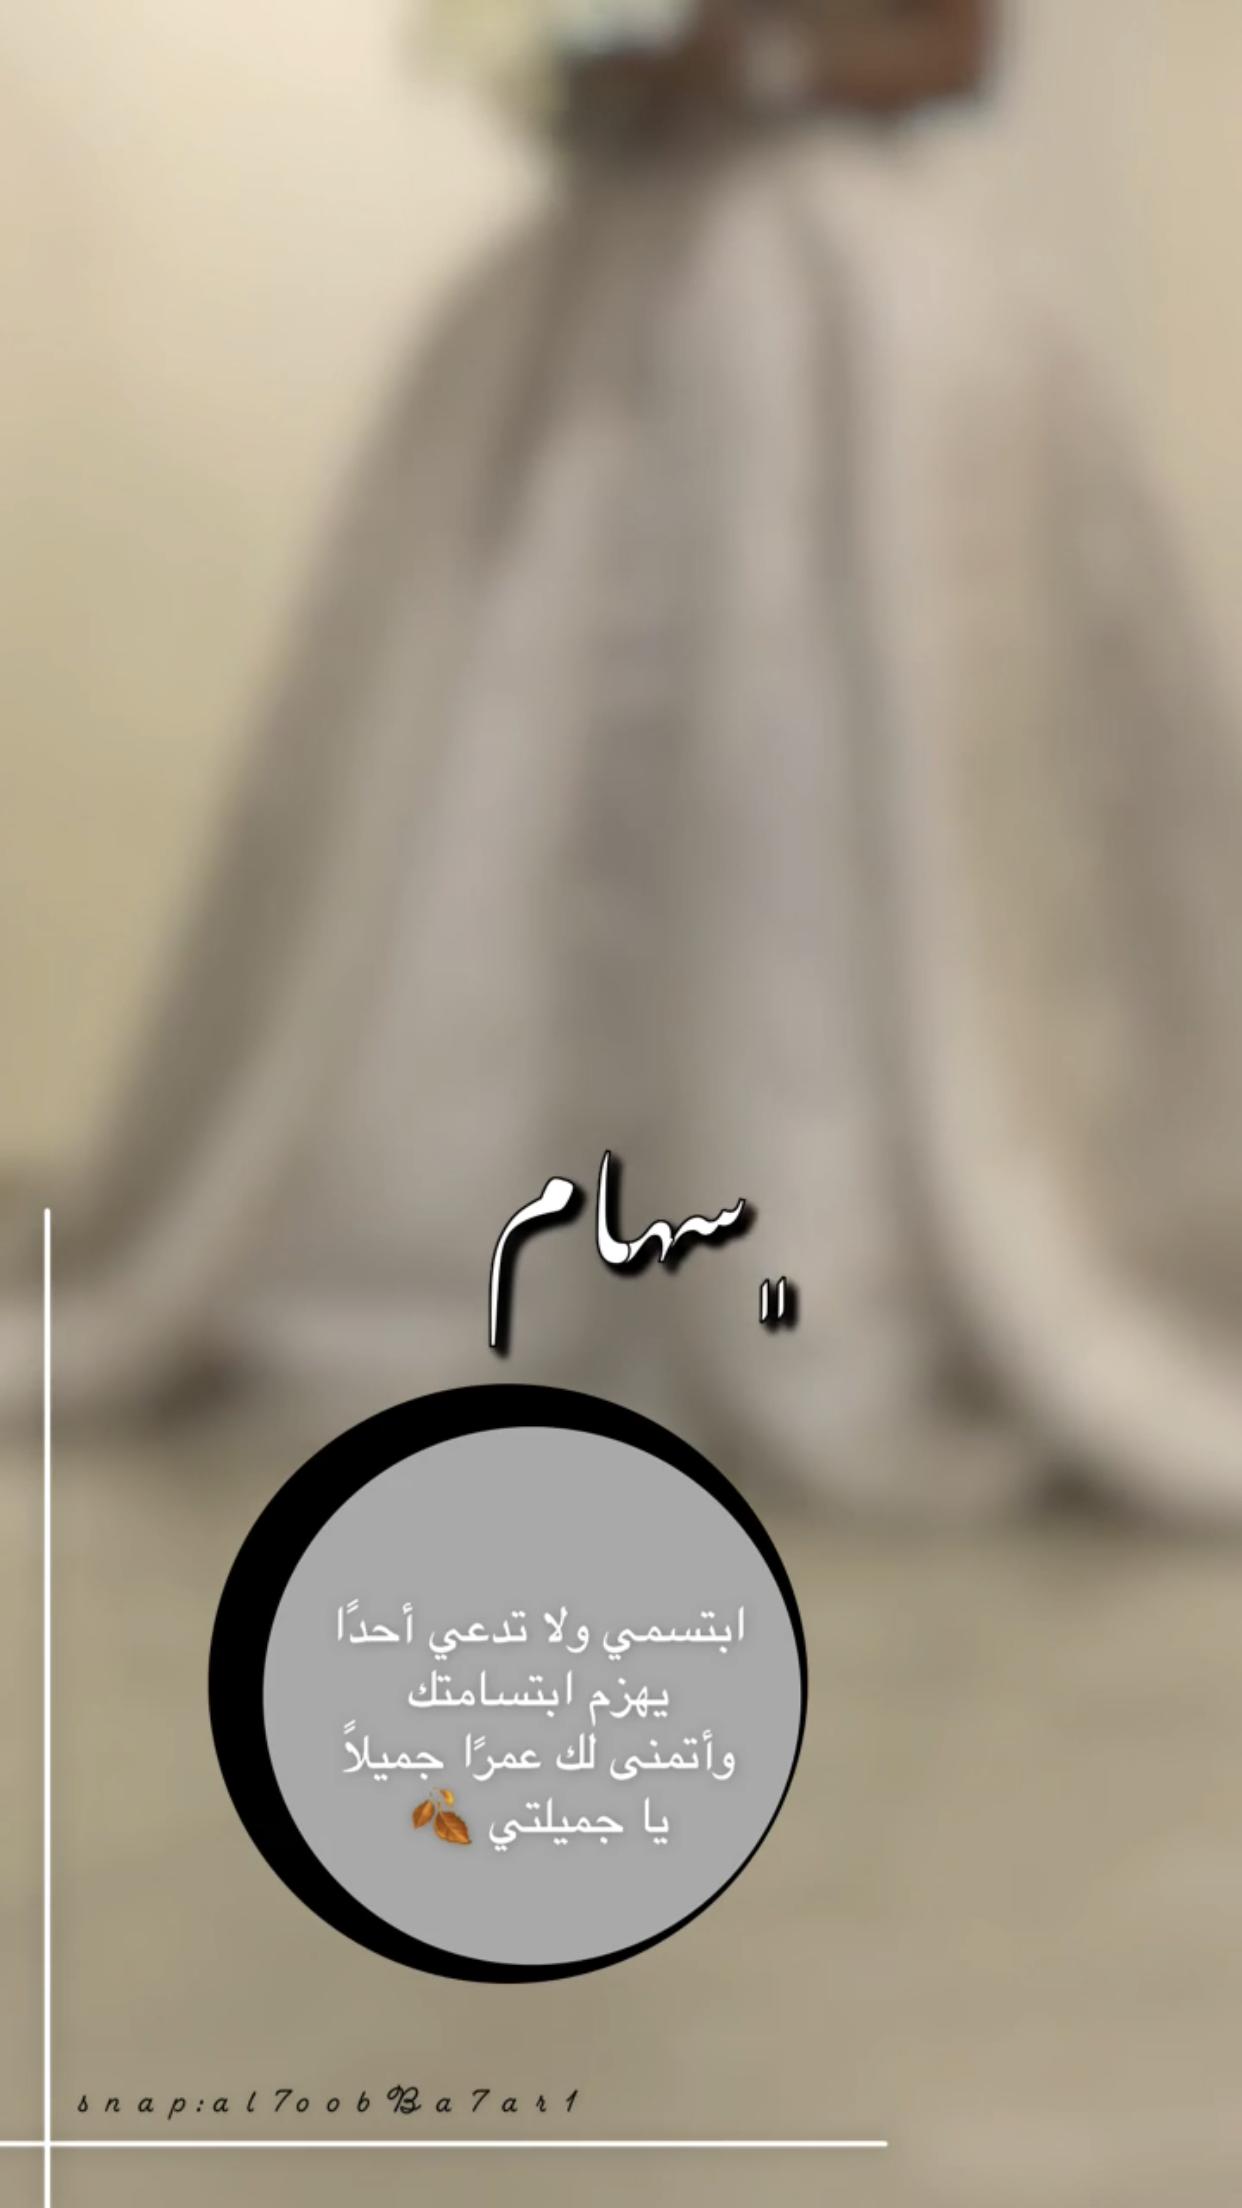 همسة سهام ابتسمي ولا تدعي أحد ا يهزم ابتسامتك وأتمنى لك عمر ا جميل ا يا جميلتي Iphone Wallpaper Quotes Love Cartoon Art Styles Wedding Quotes